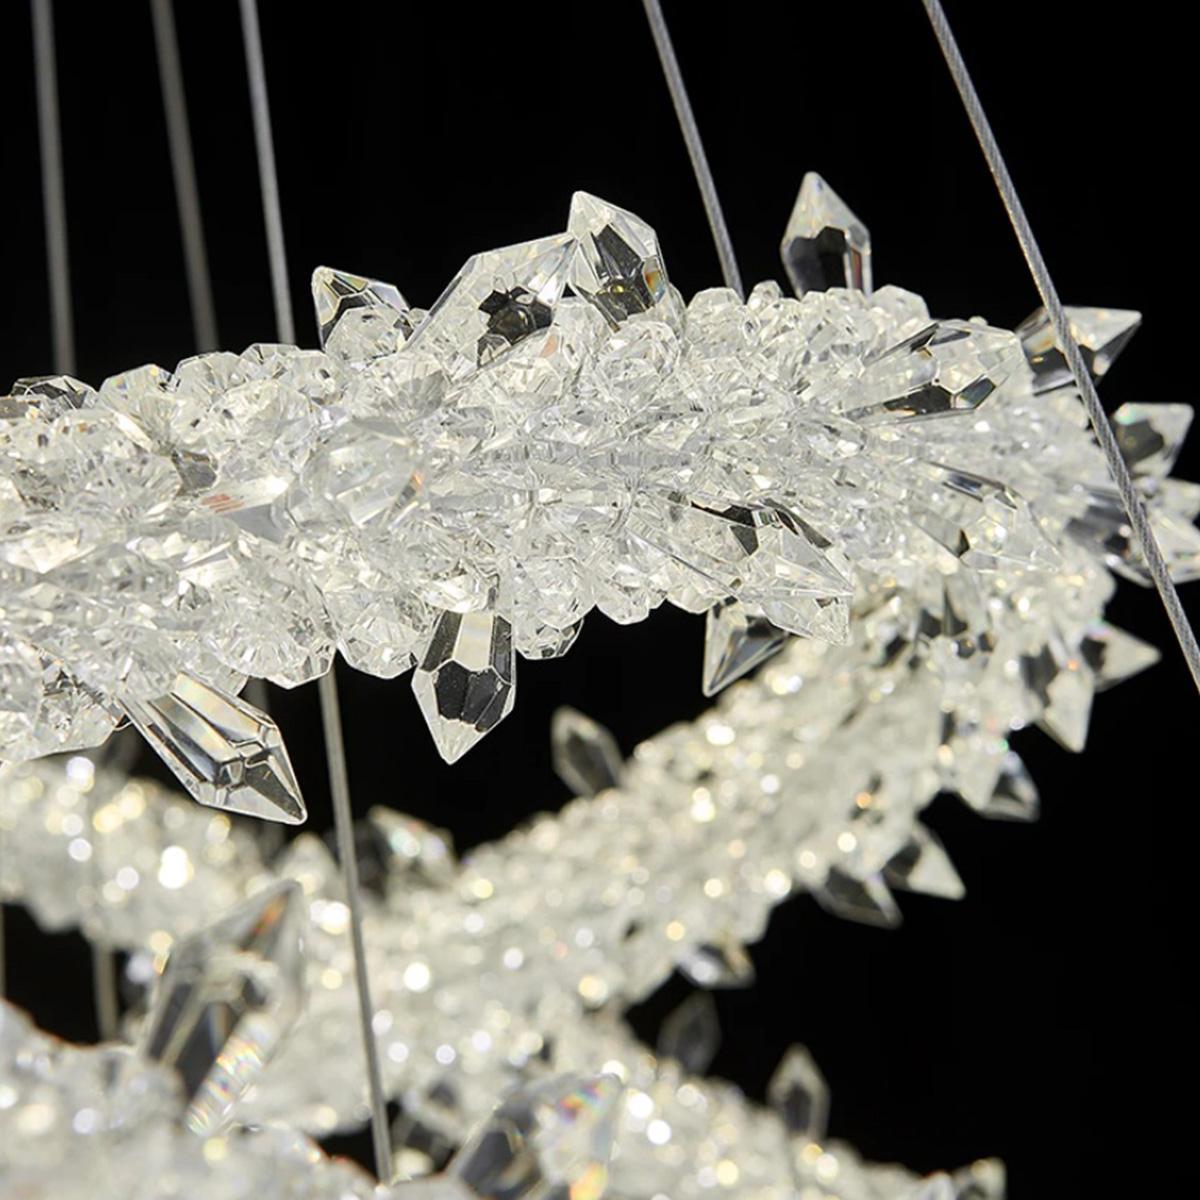 LED kristalni luster 1.0141-L600